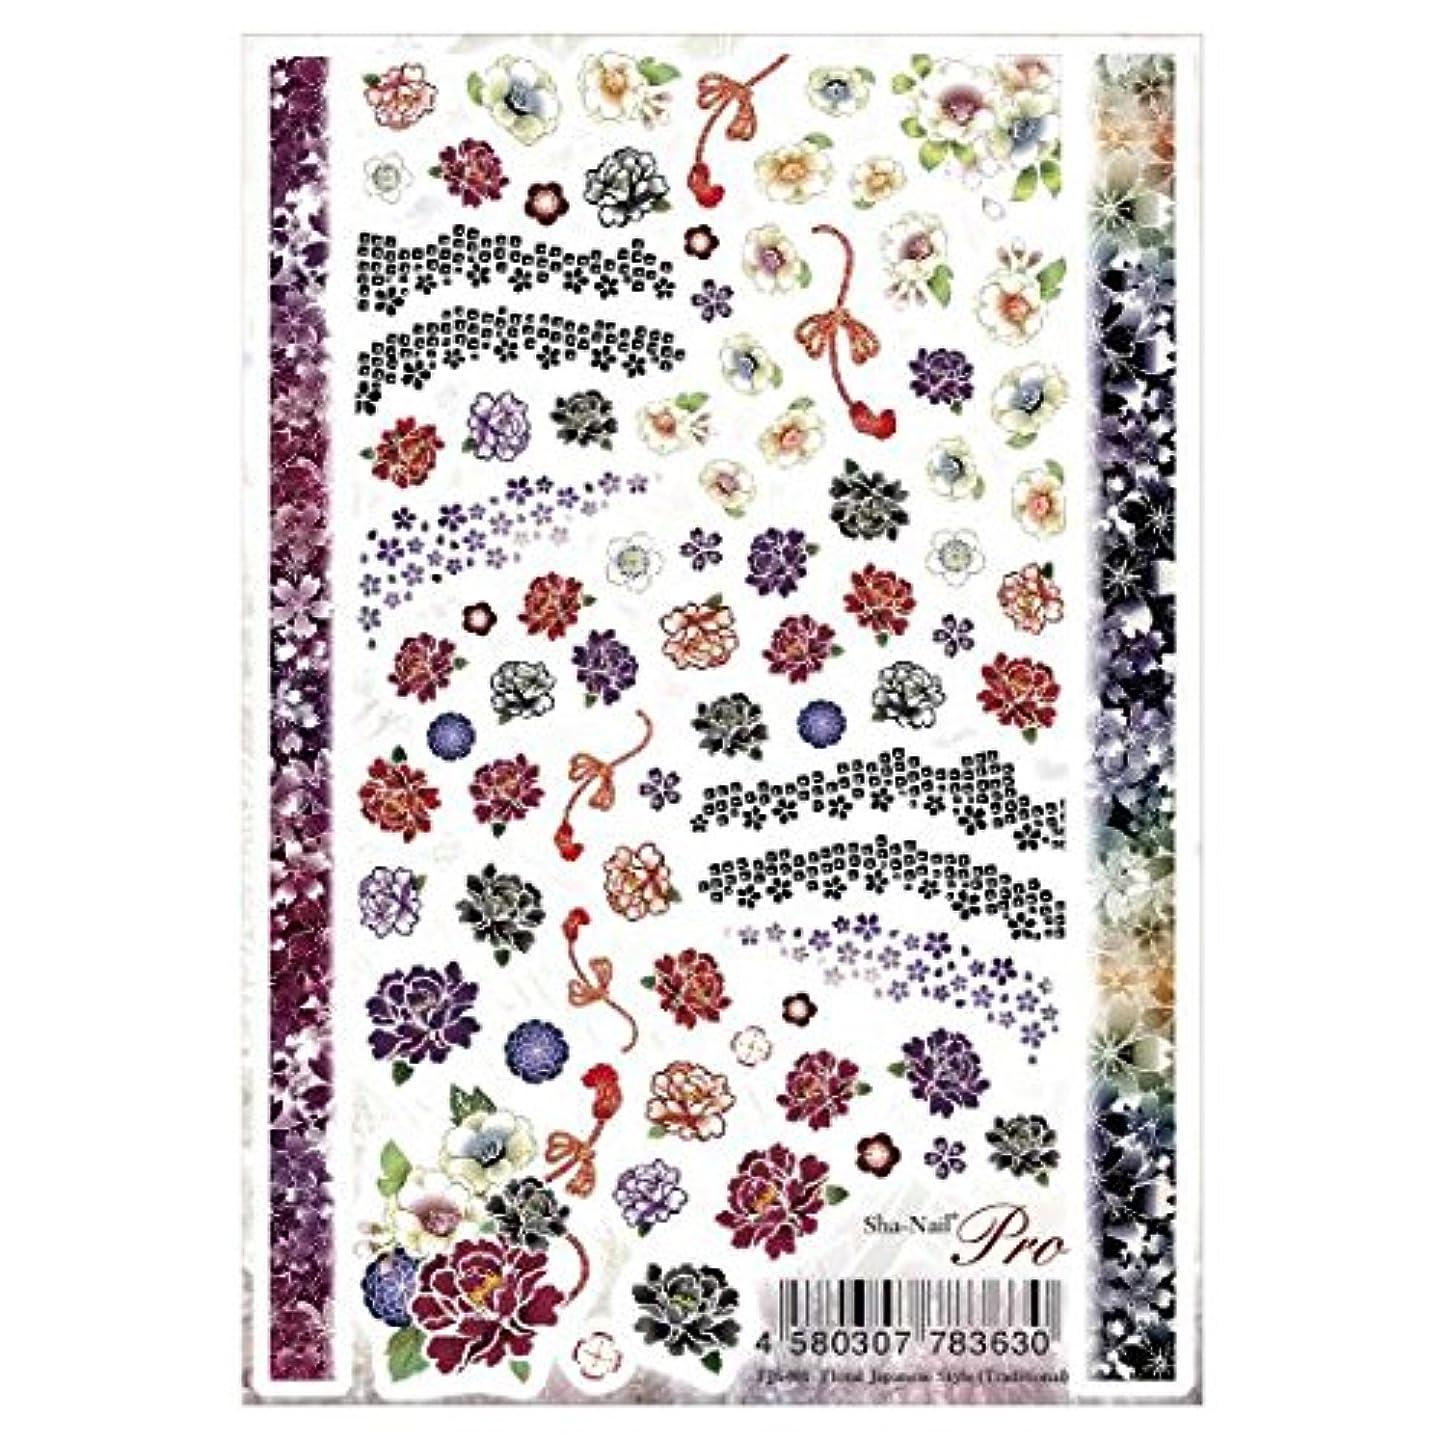 大事にする聞きます幻滅写ネイルプロ ネイルシール 和の花 トラディショナル アート材